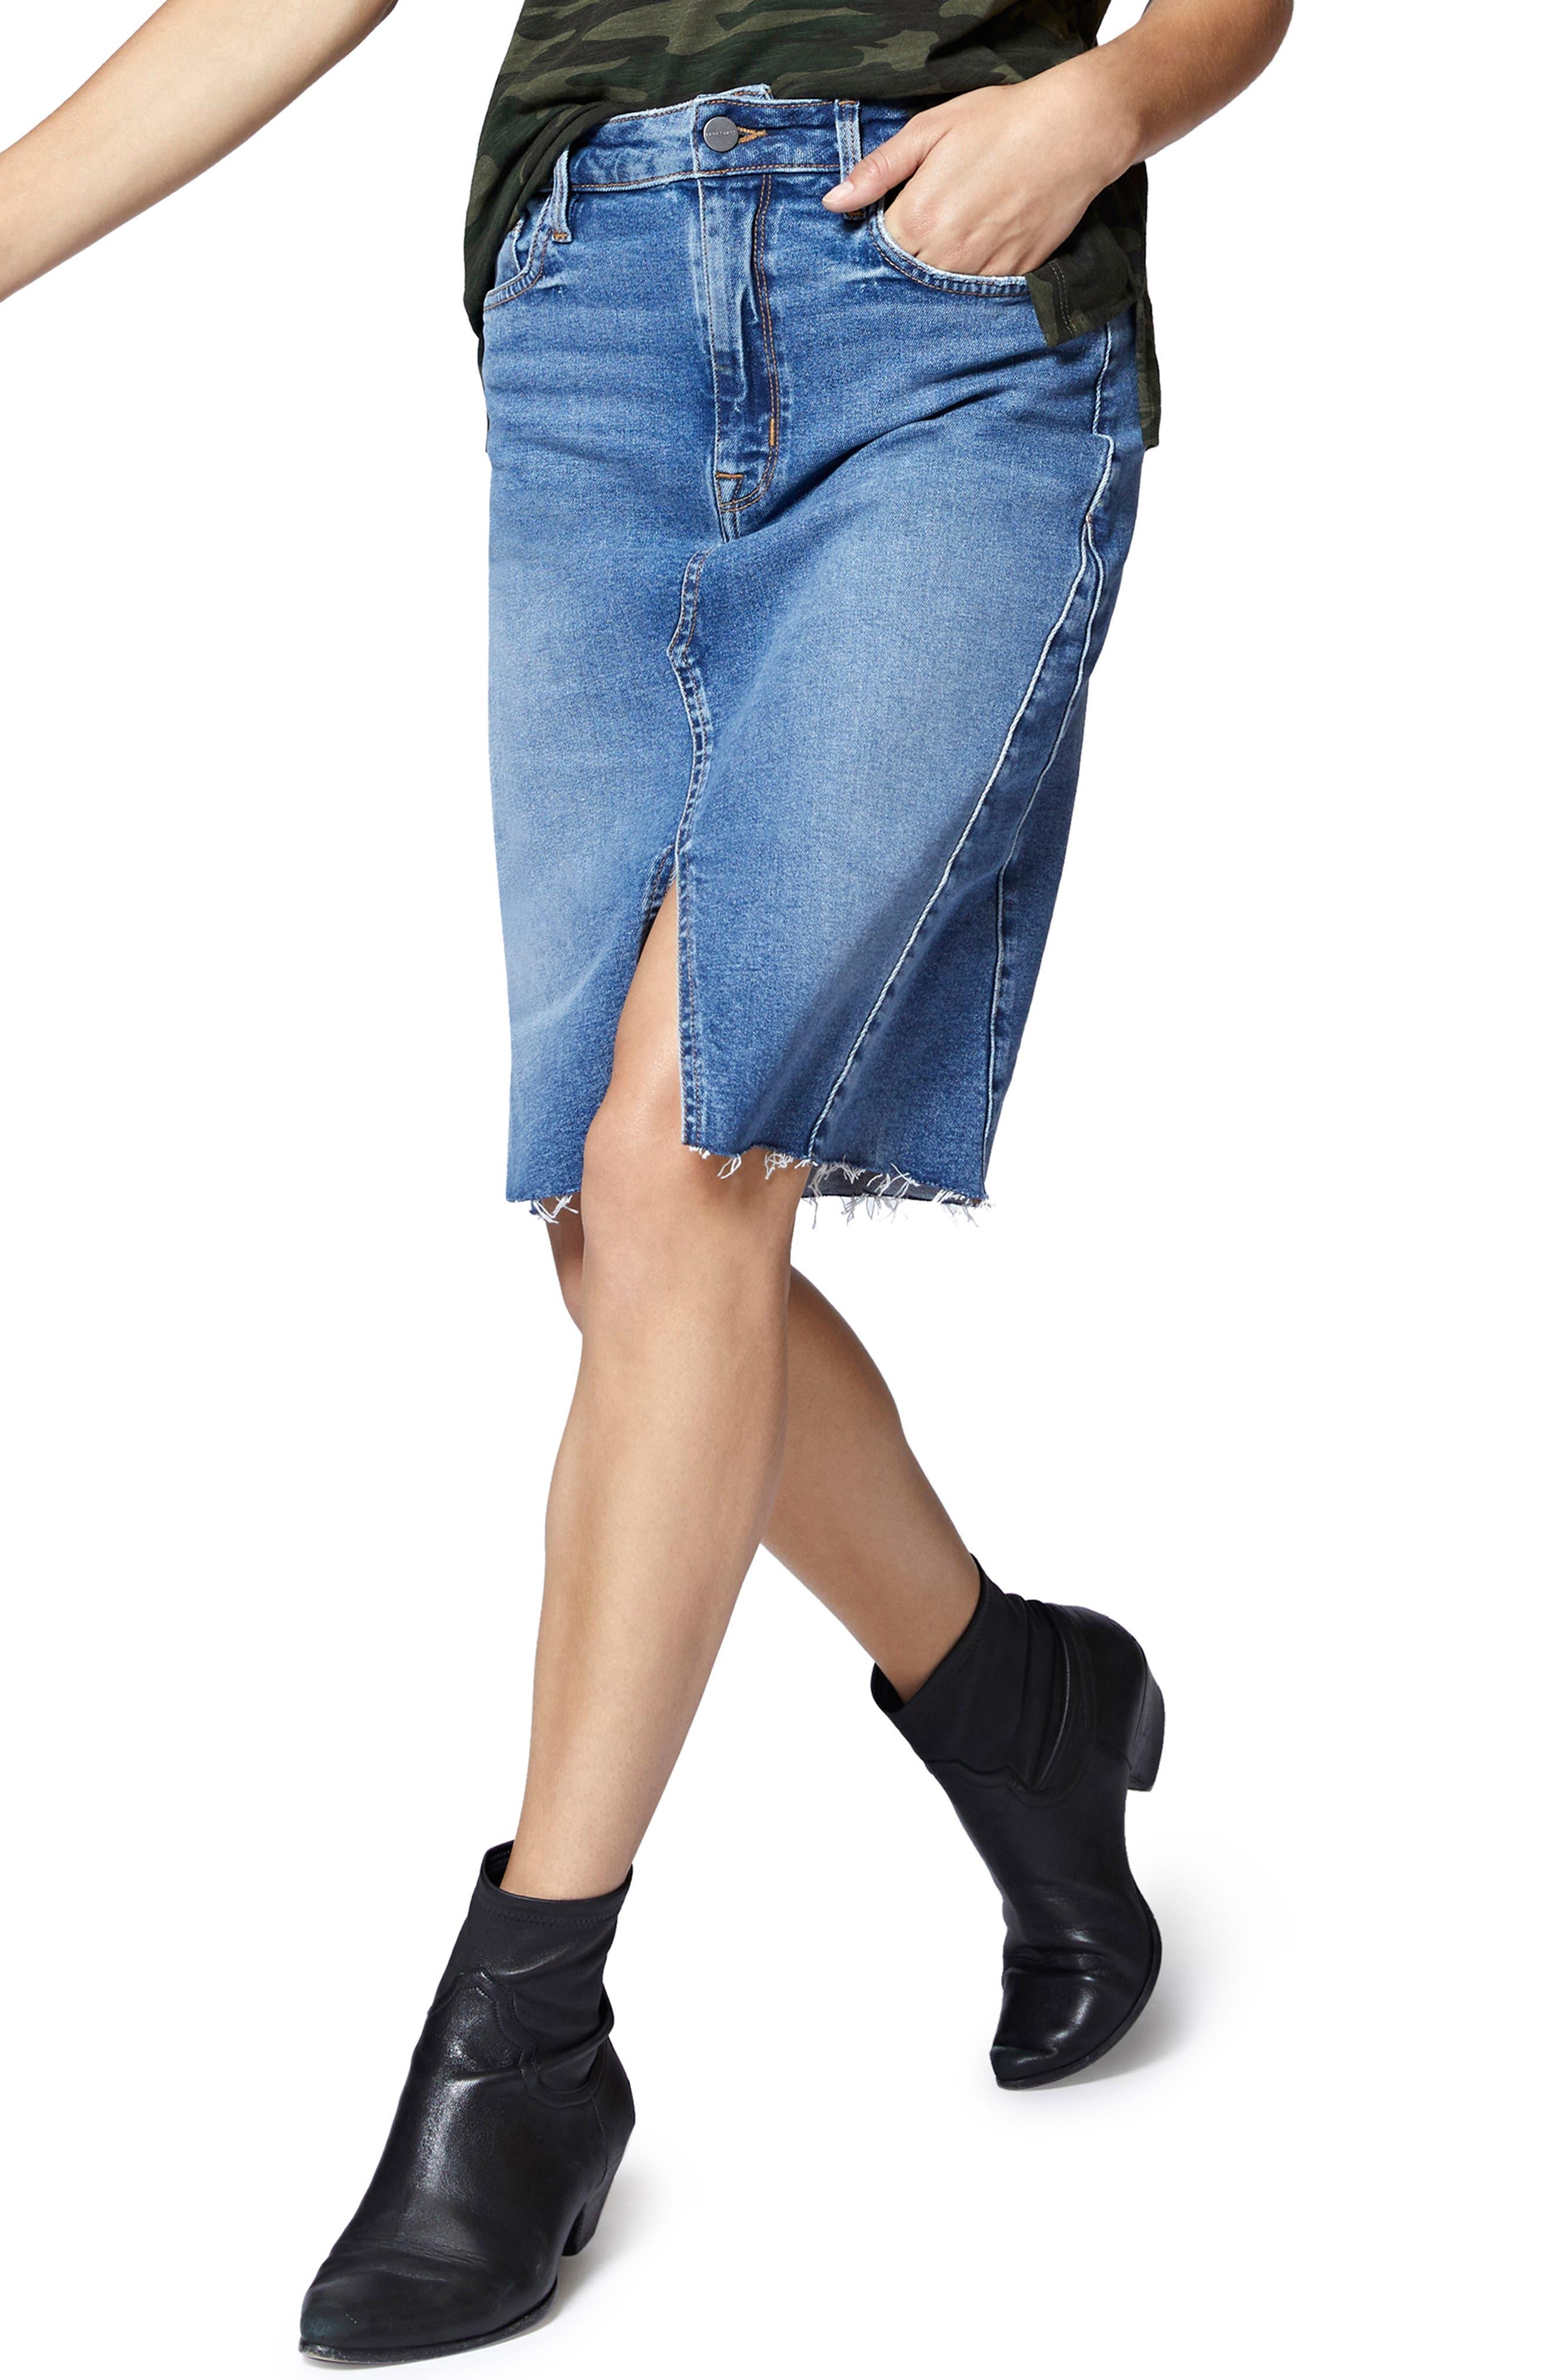 Sia A-Line Denim Skirt,                         Main,                         color, FLAT IRON RIGID